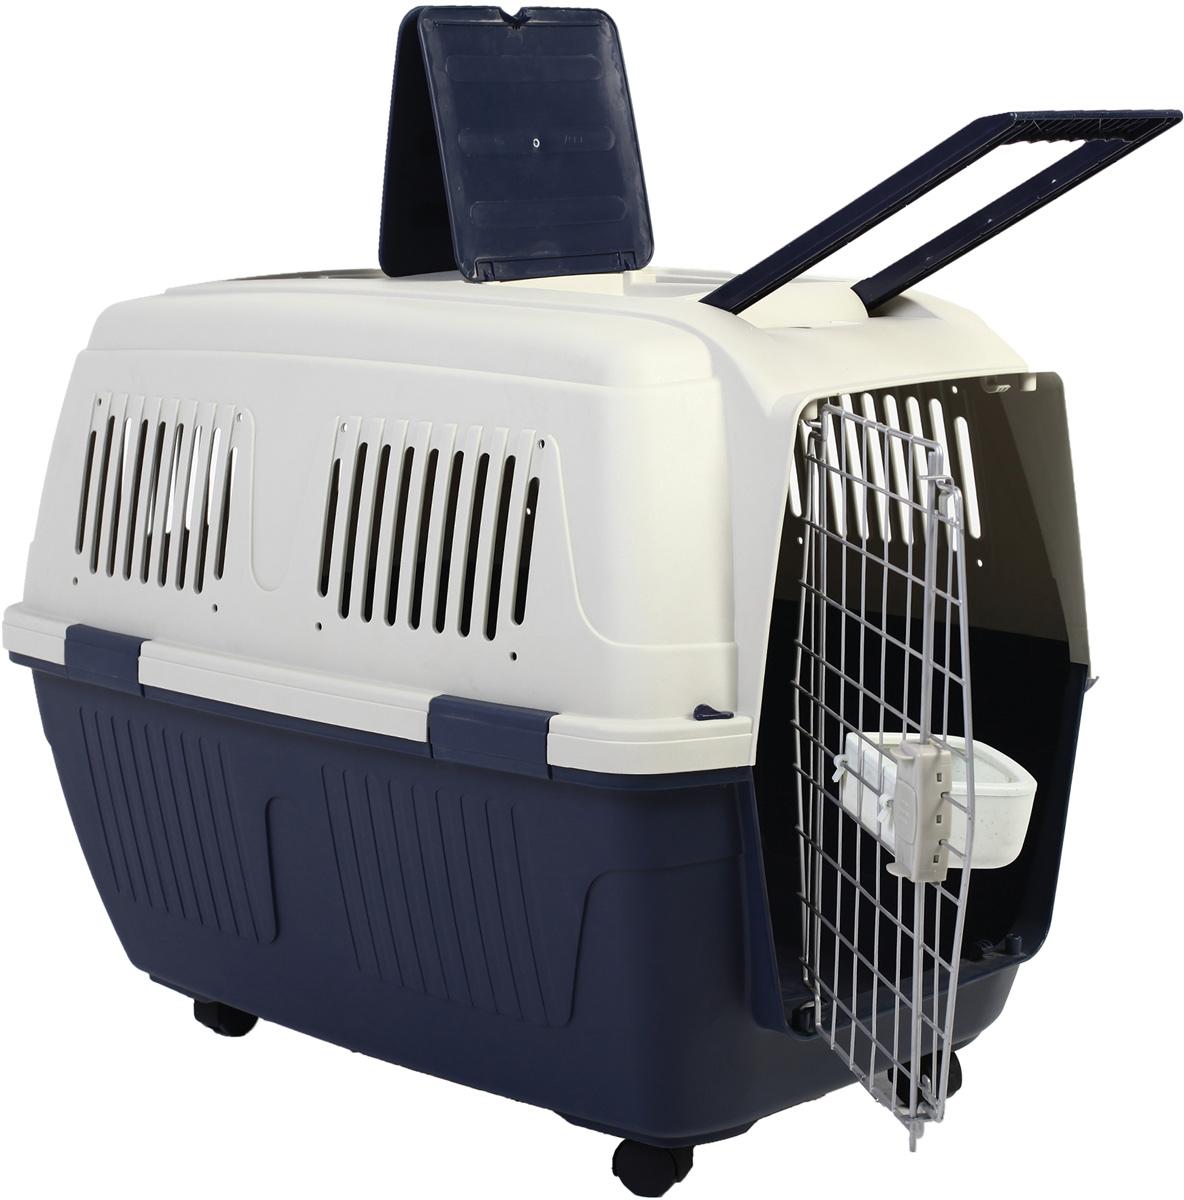 Переноска для собак Triol  Standard Extra Large , 92 x 64 x 67 см - Переноски, товары для транспортировки